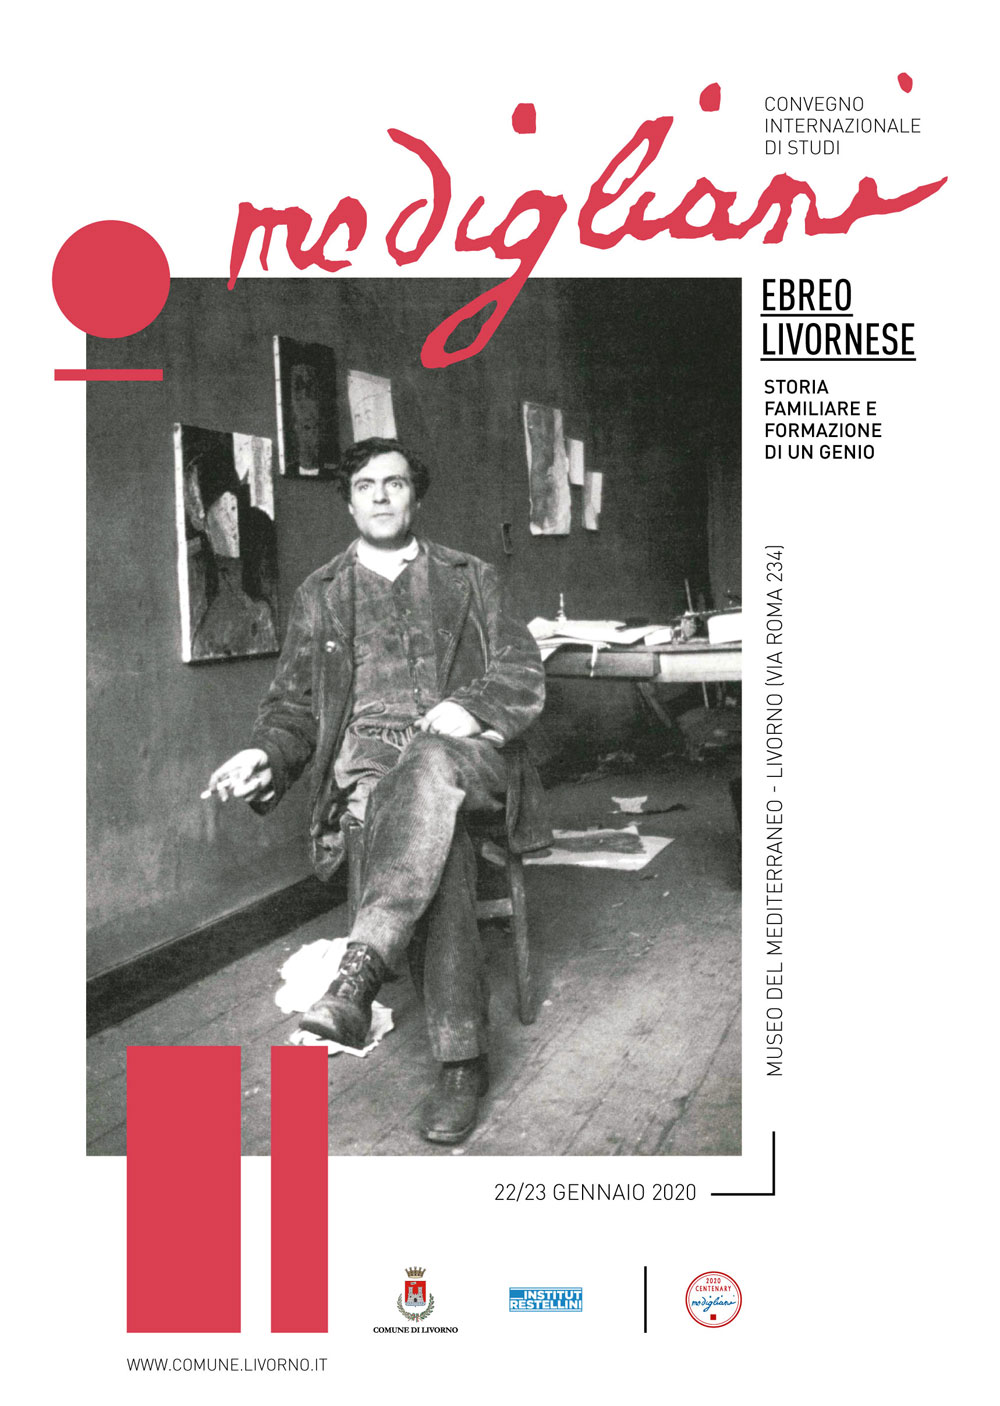 A Livorno un convegno internazionale sulla storia di Modigliani ebreo livornese